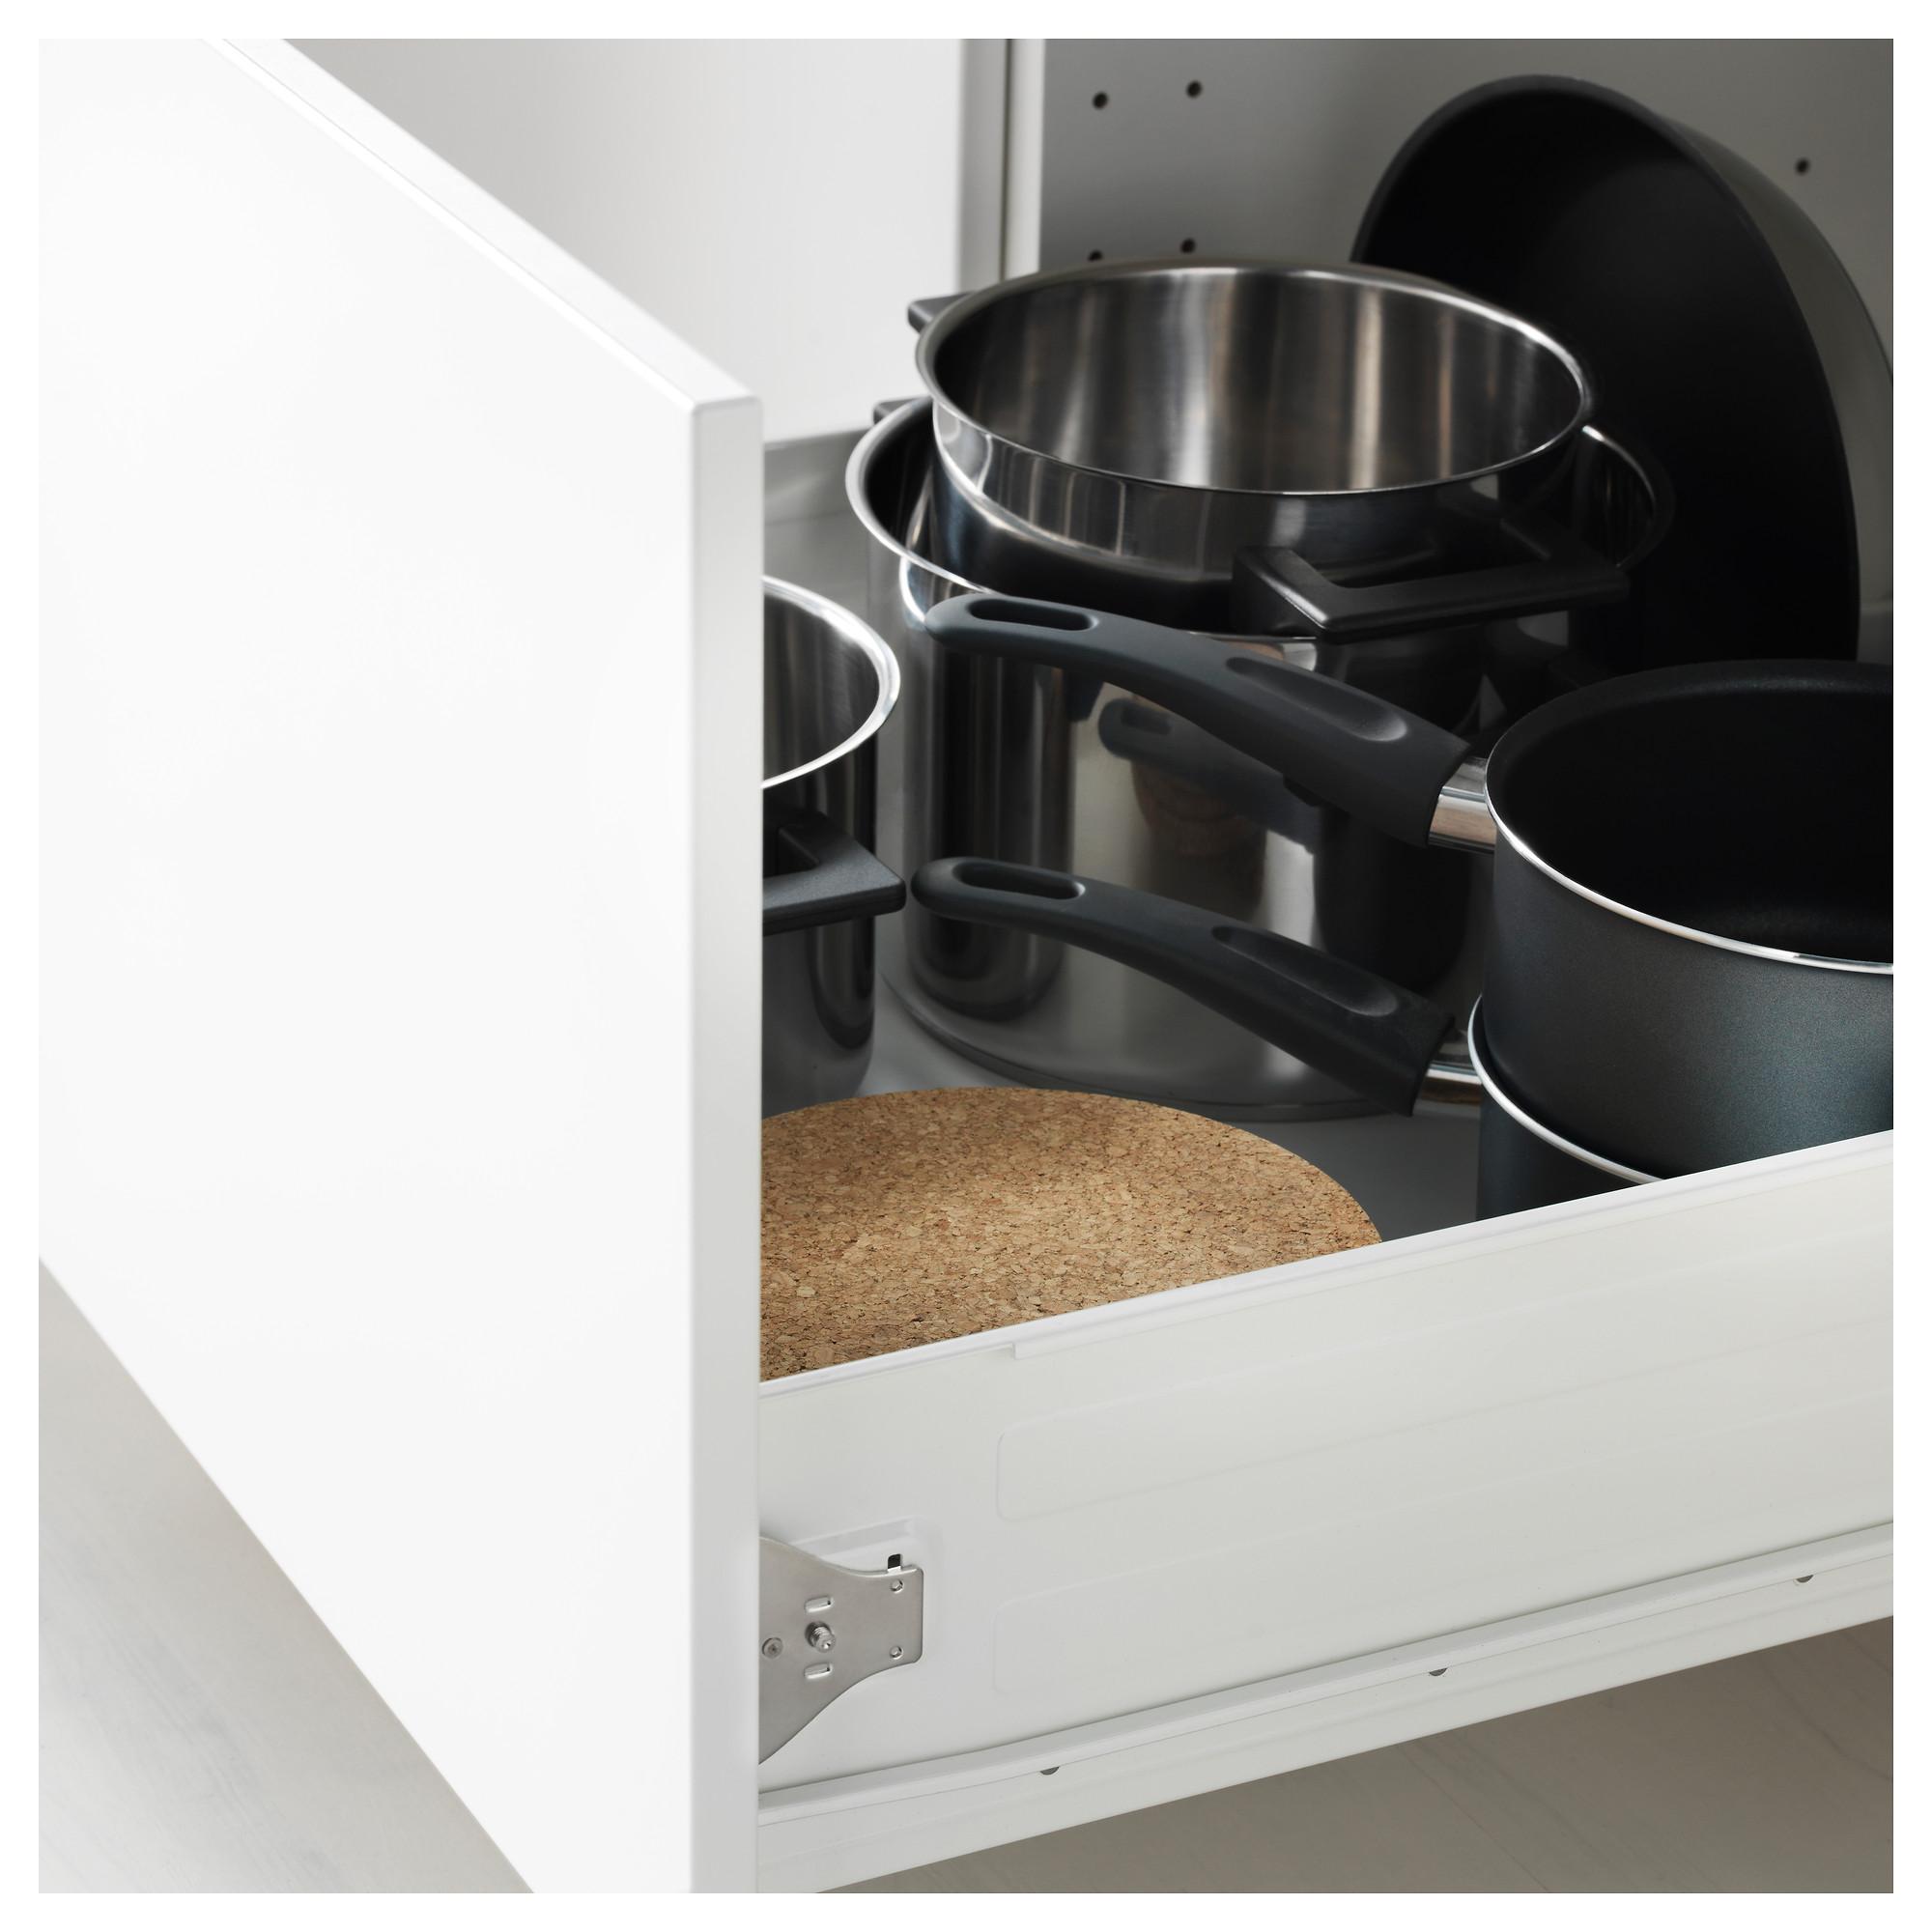 Высокий шкаф для духовки комбинированный, духовка + дверца, 3 ящика МЕТОД / ФОРВАРА белый артикуль № 692.621.22 в наличии. Online сайт IKEA РБ. Недорогая доставка и установка.